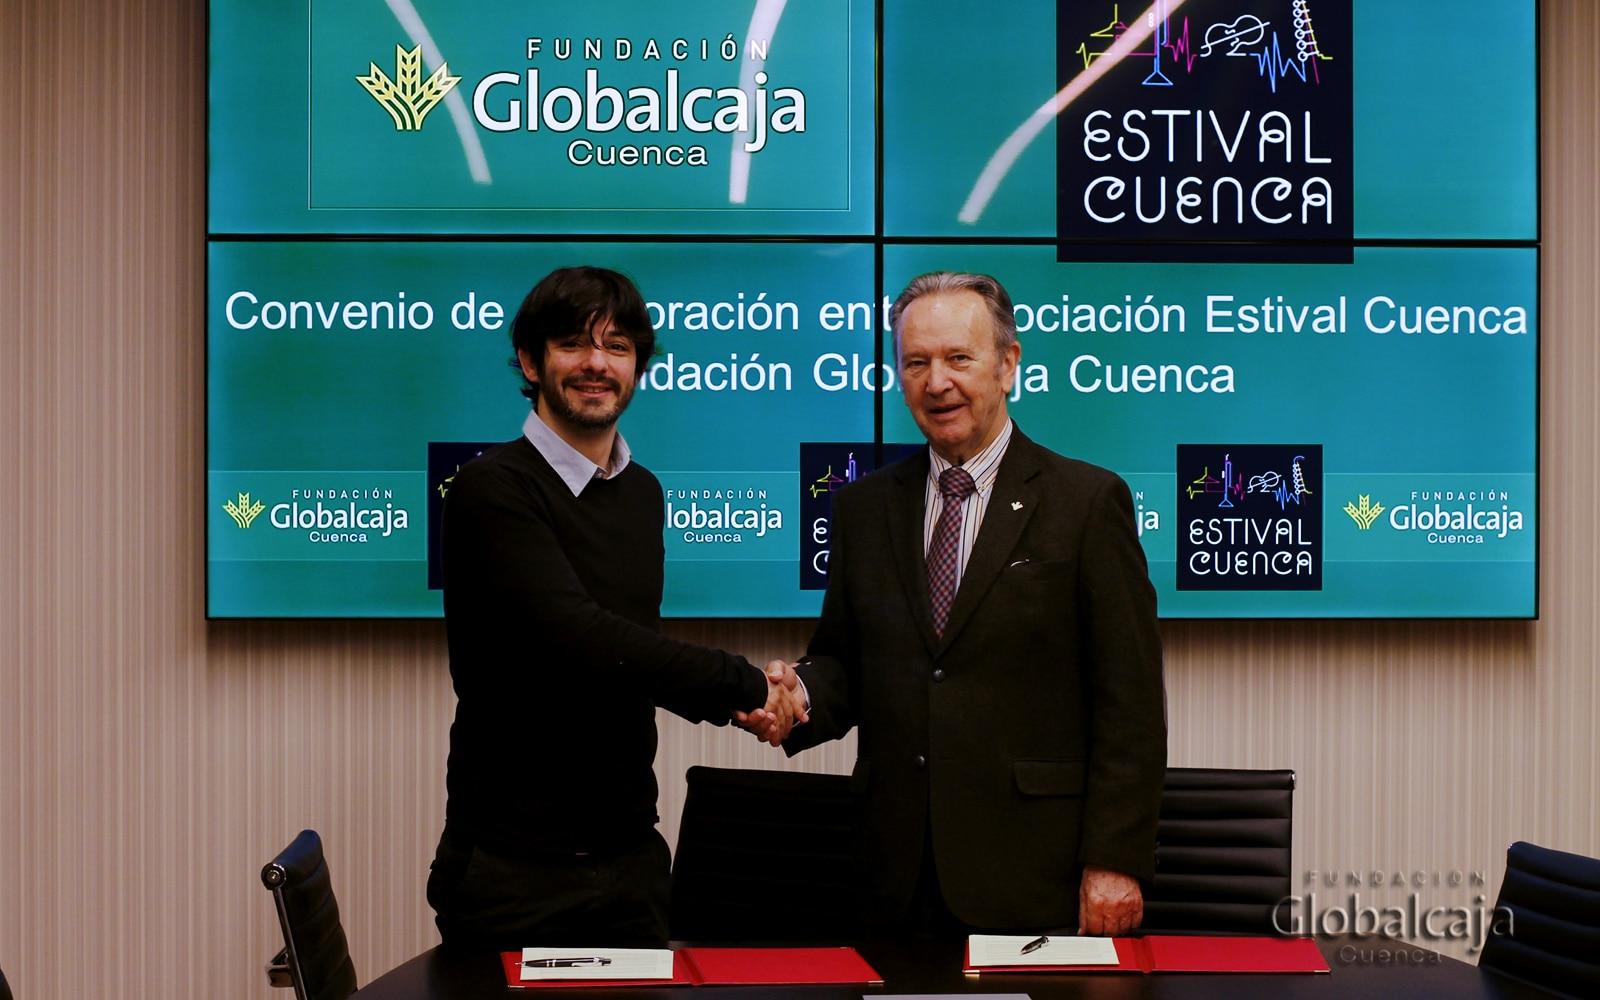 """Nuevo apoyo de la Fundación Globalcaja a """"Estival Cuenca"""""""